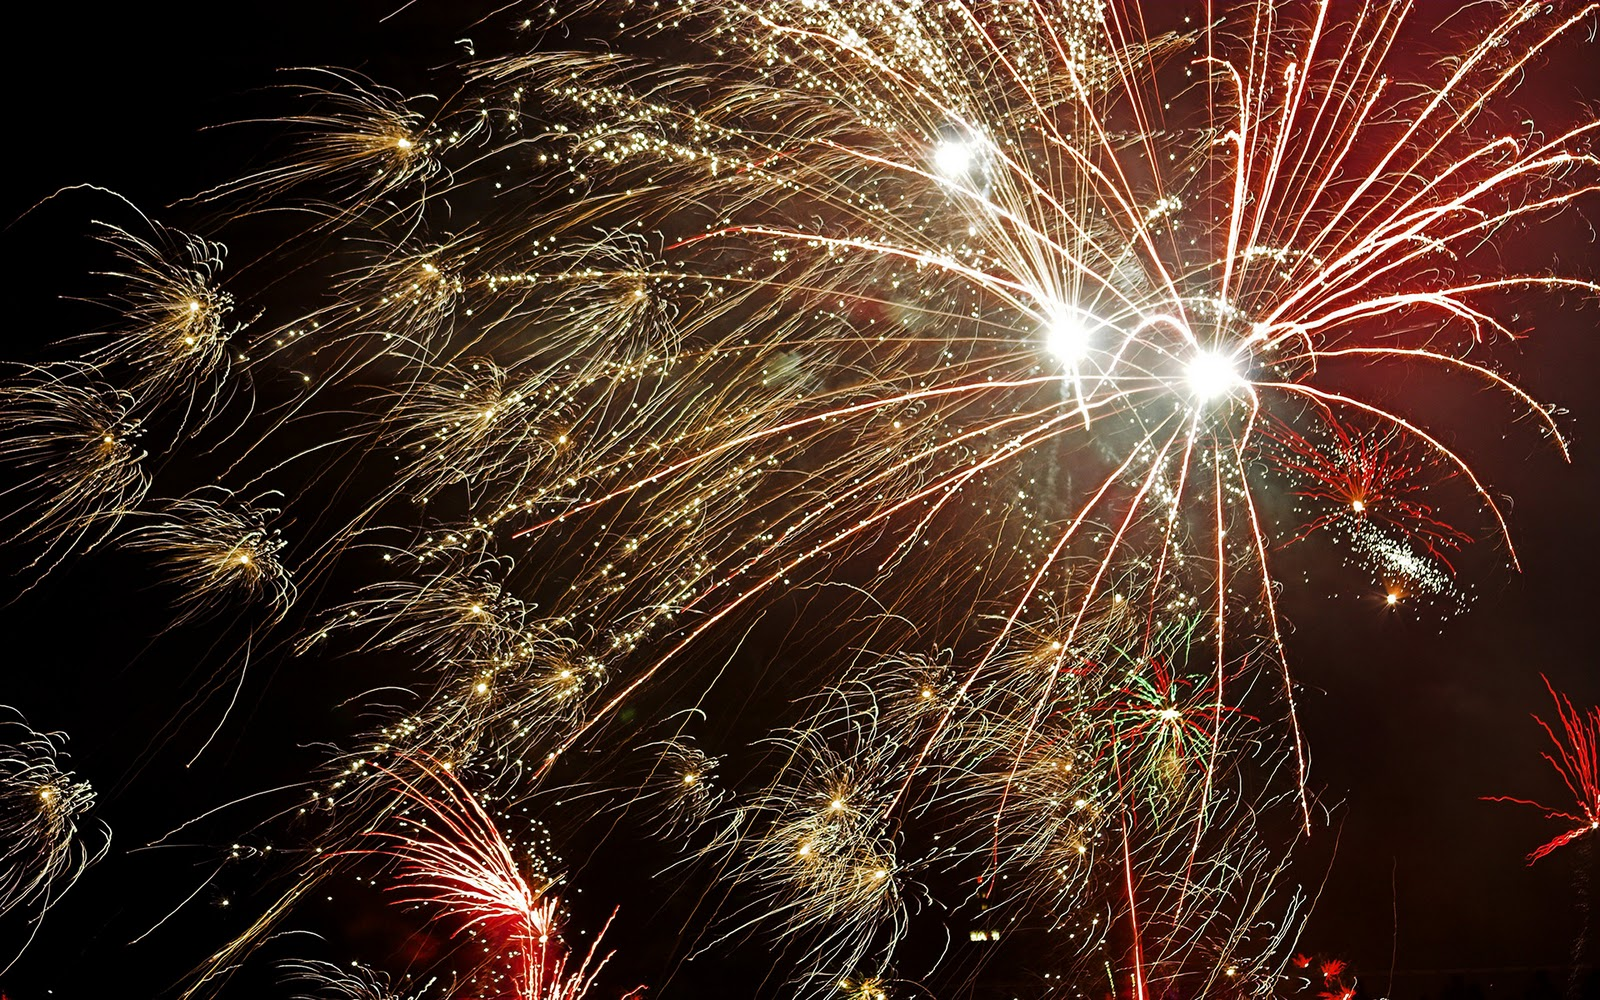 http://4.bp.blogspot.com/-T5qMbvnU1g0/TsI93GUPYXI/AAAAAAAASys/ZMr9nSjn0dU/s1600/Mooie-vuurwerk-achtergronden-leuke-hd-vuurwerk-wallpapers-afbeelding-plaatje-foto-5.jpg